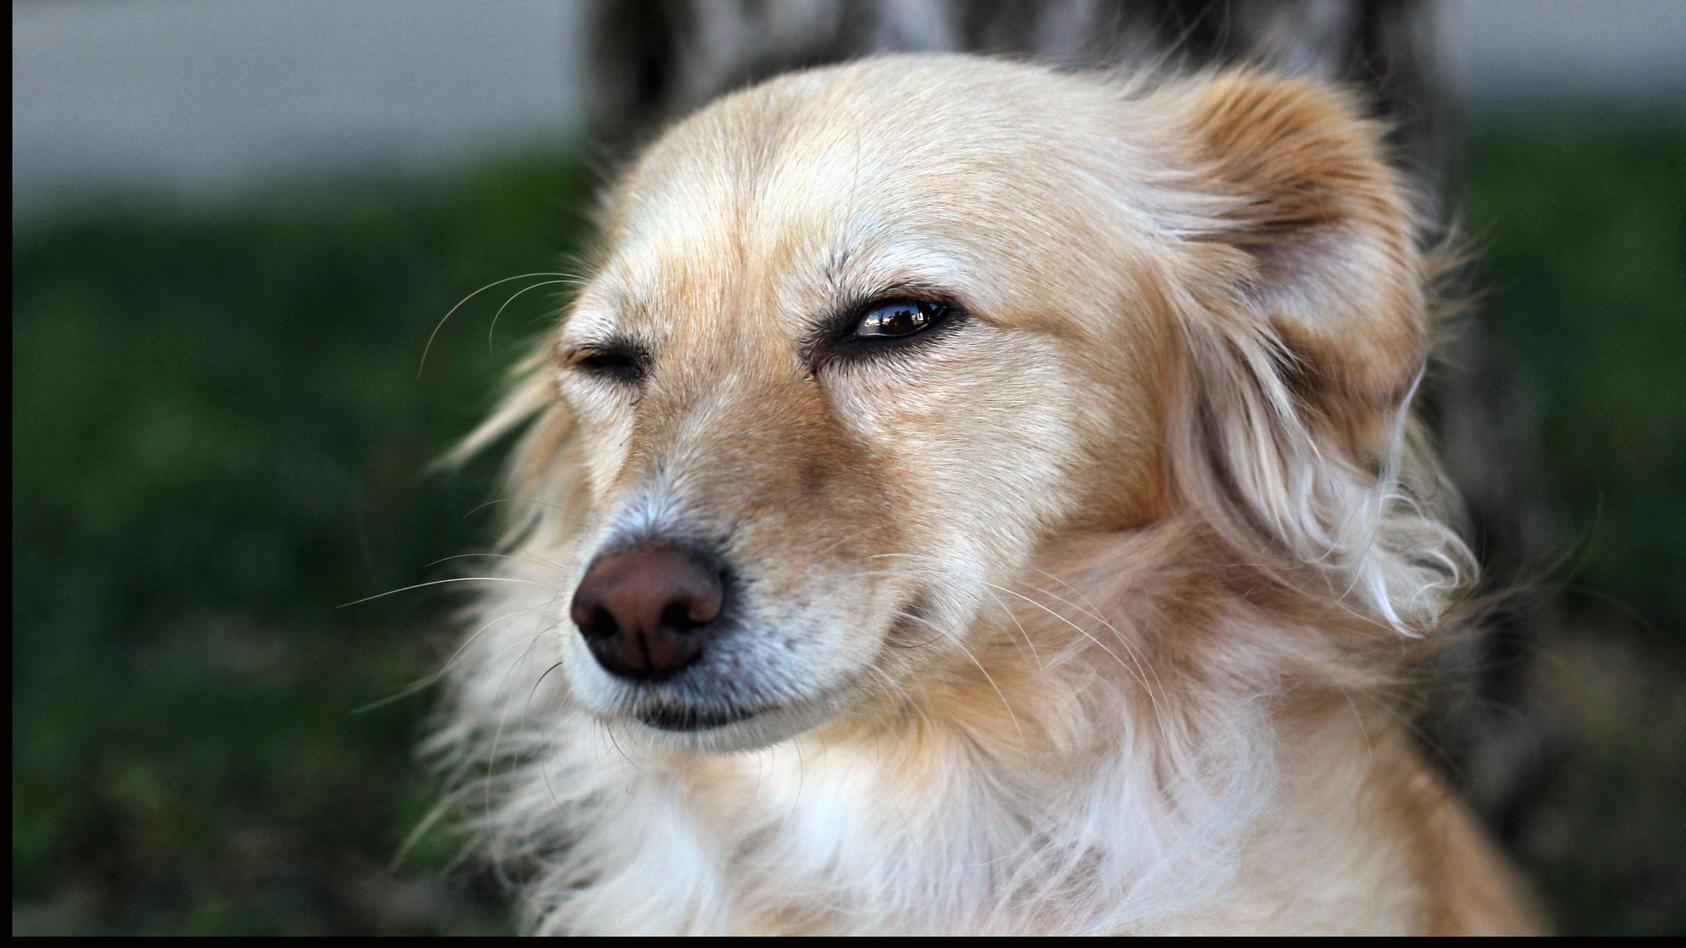 Ihr Hund zwinkert? Das kann dahinterstecken